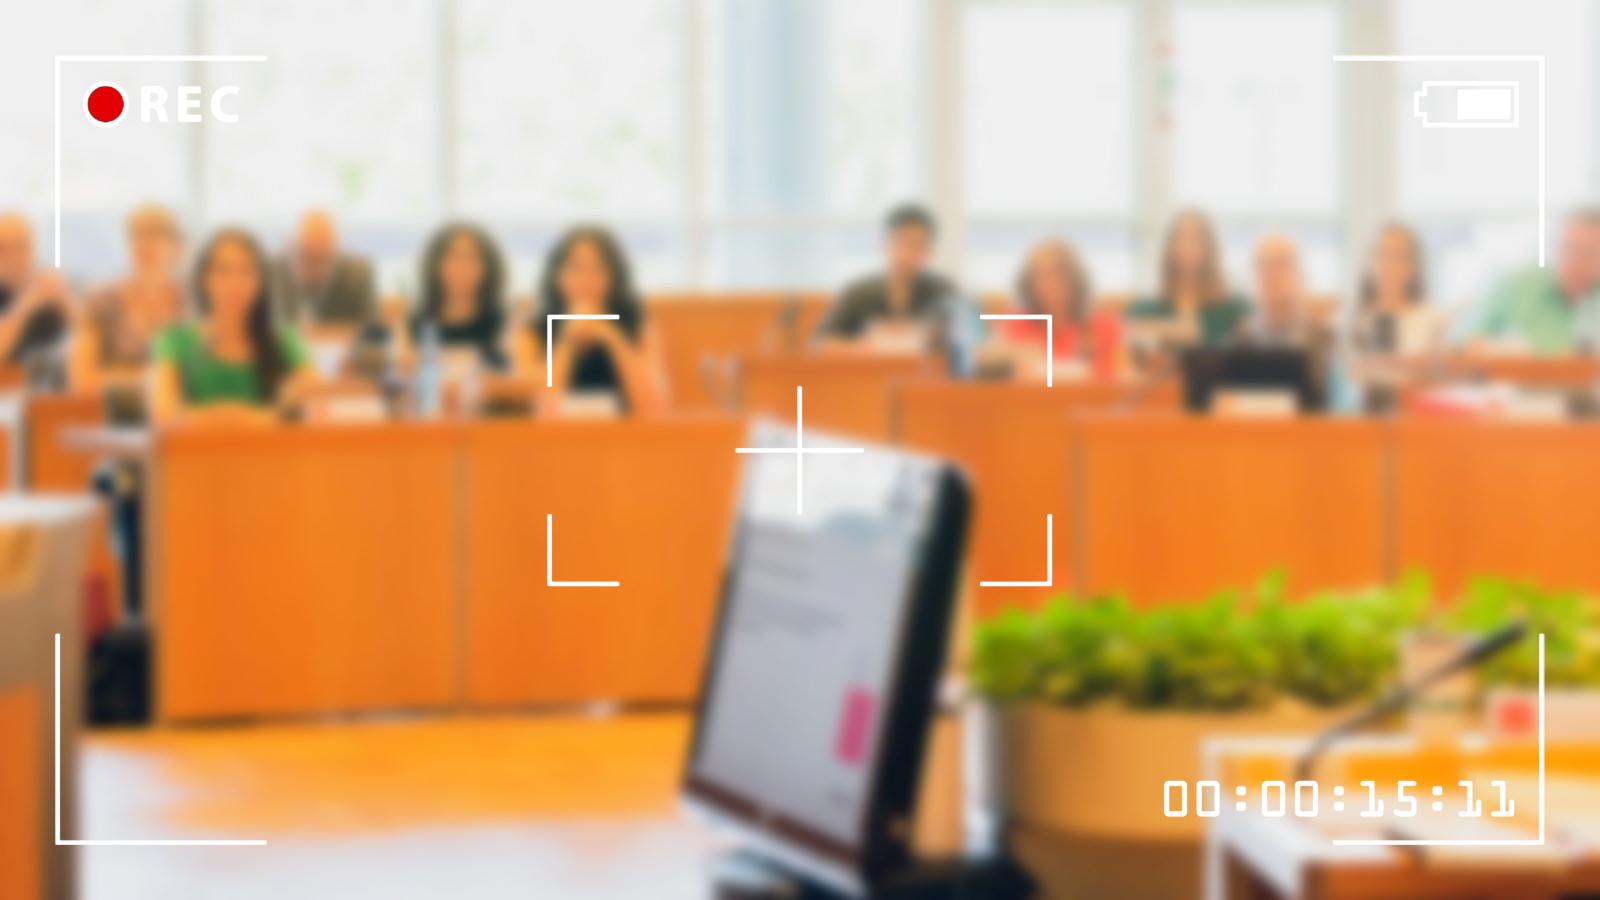 Die Grüne Gemeinderatsfraktion beantragen für mehr Transparenz Liveübertragungen aus dem Gemeinderat | Foto: Alexander Kästel (www.rentadesigner.de), Bildmontage: Neckarstadtblog